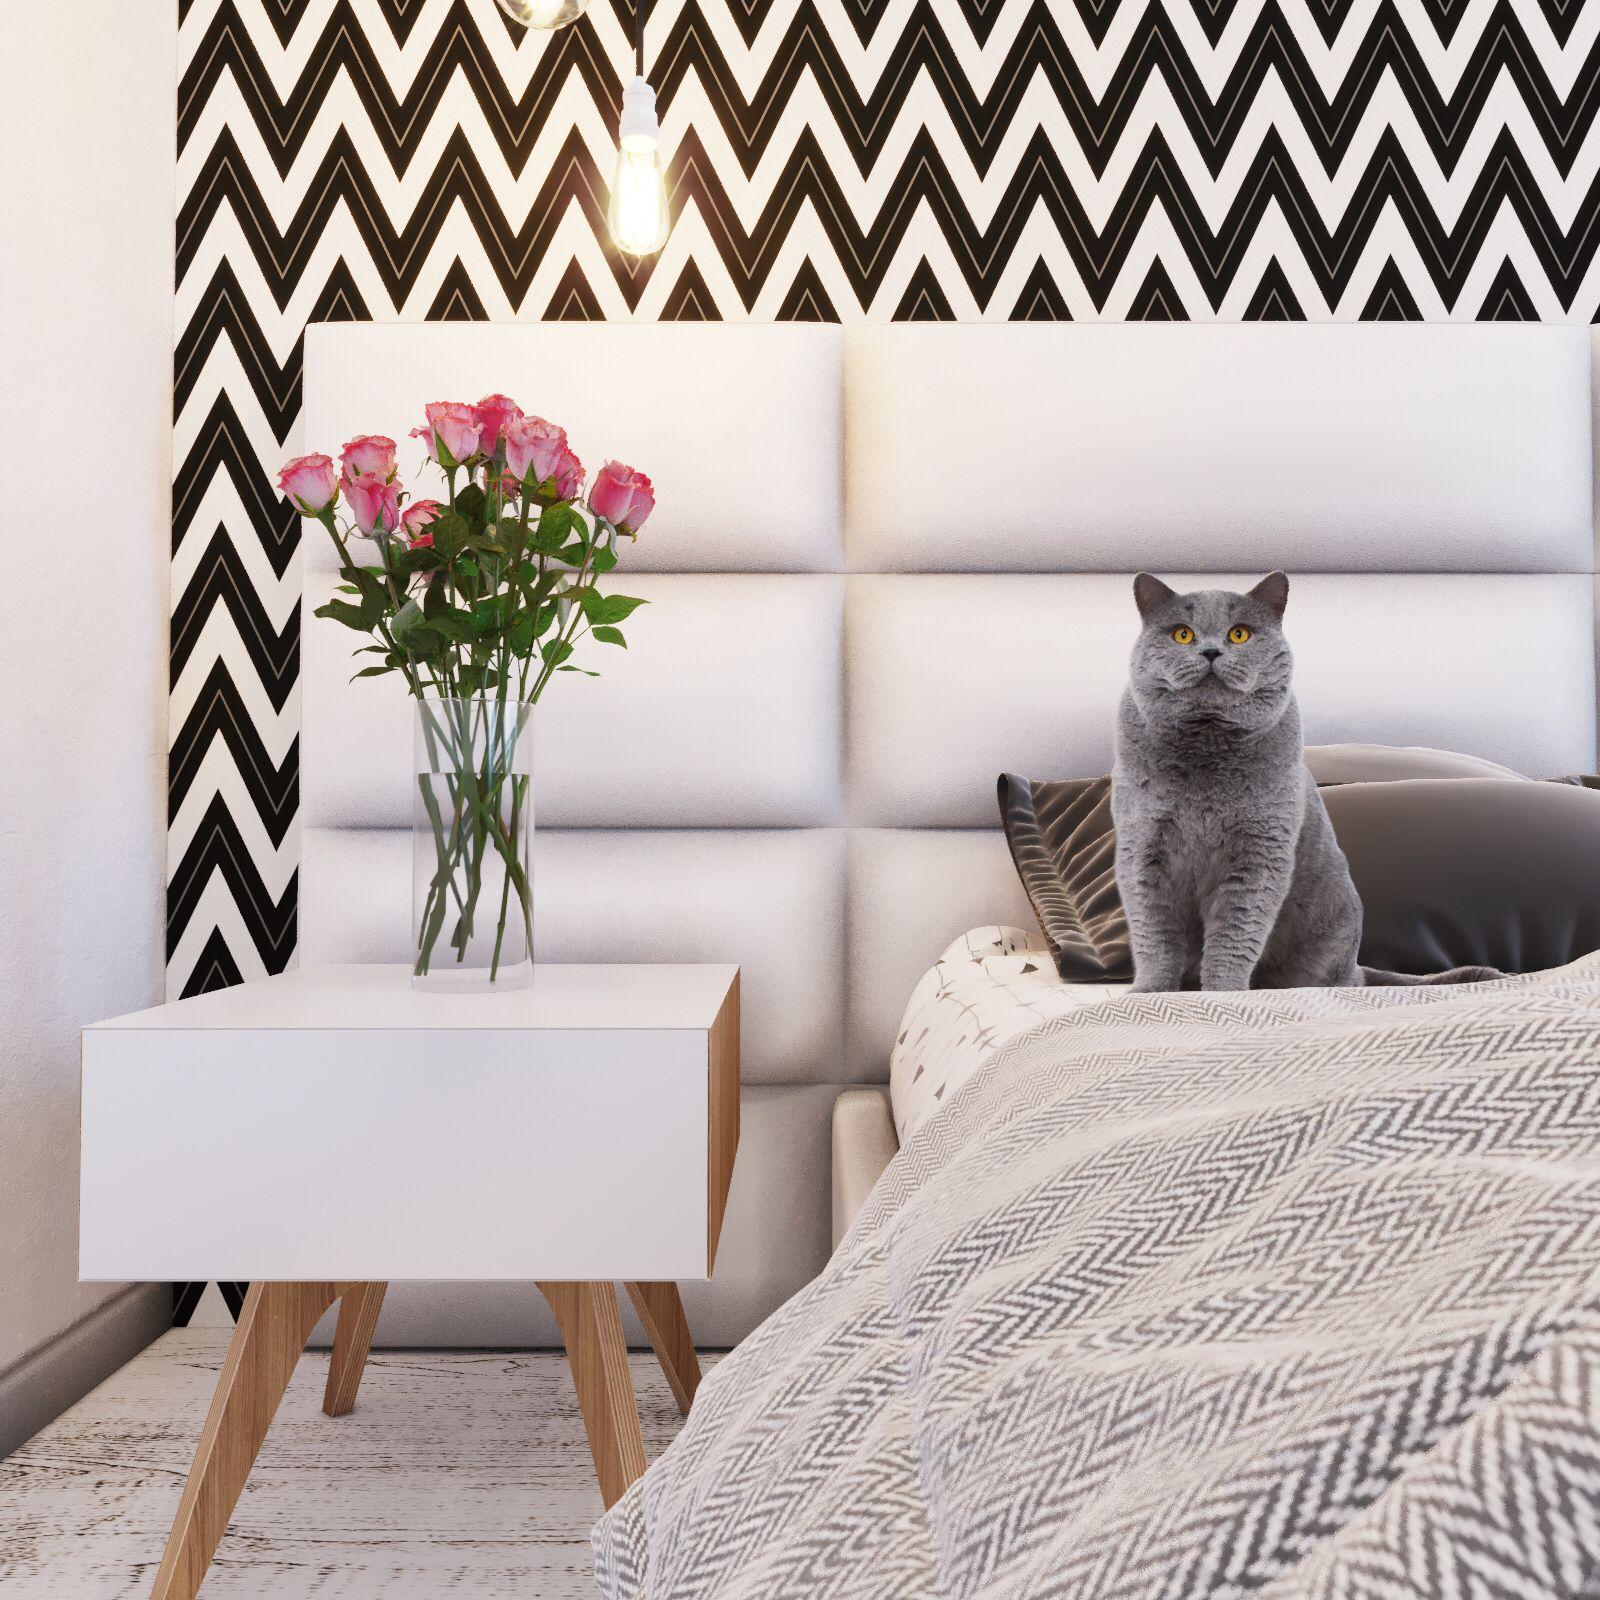 спальня в скандинавском стиле с геометрическими принтами